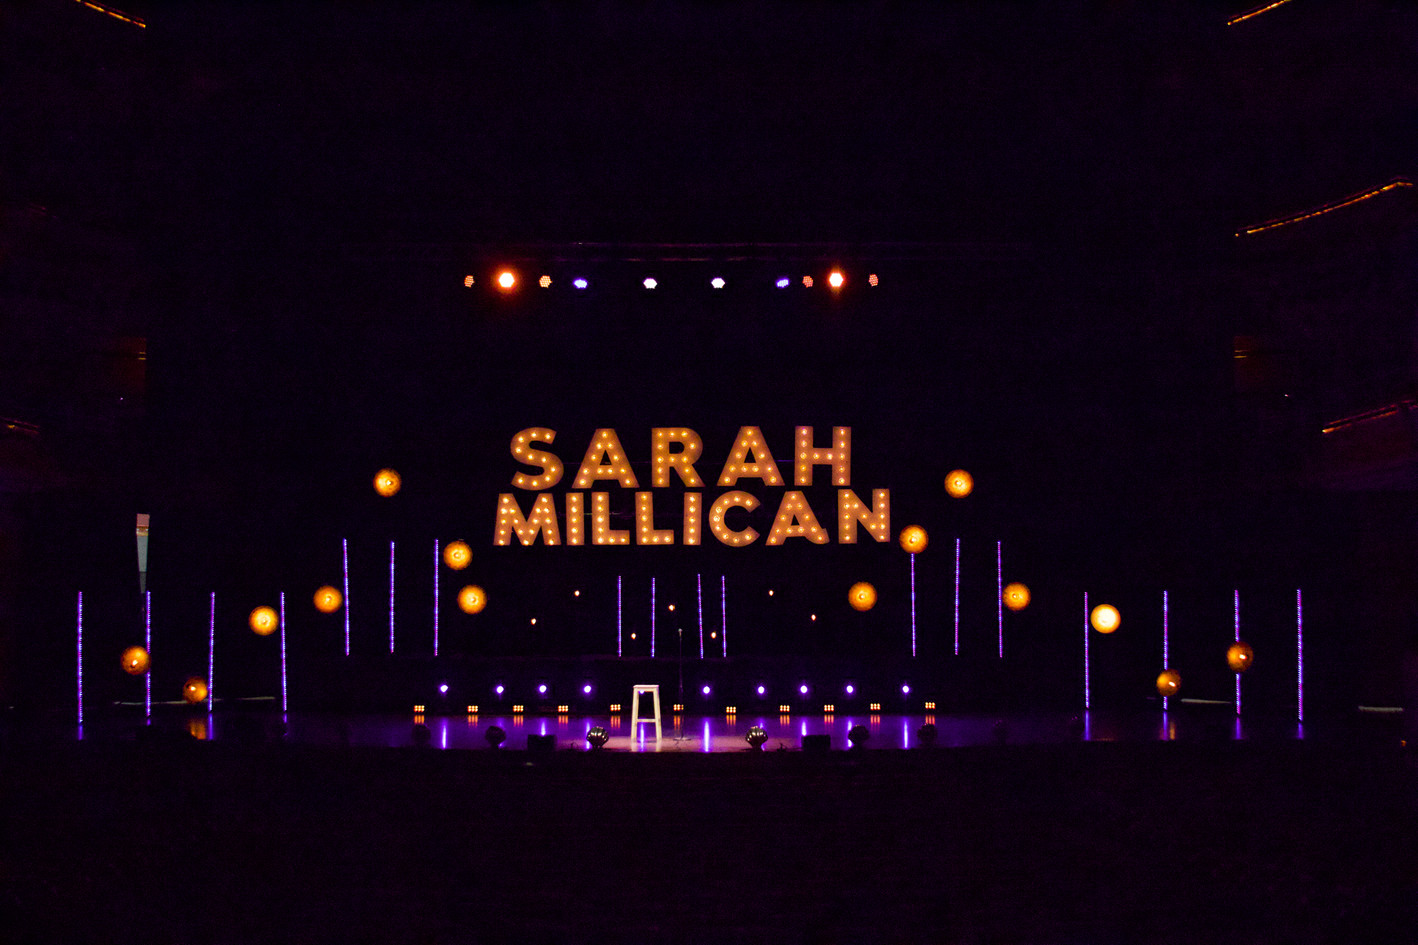 Sarah Millcan